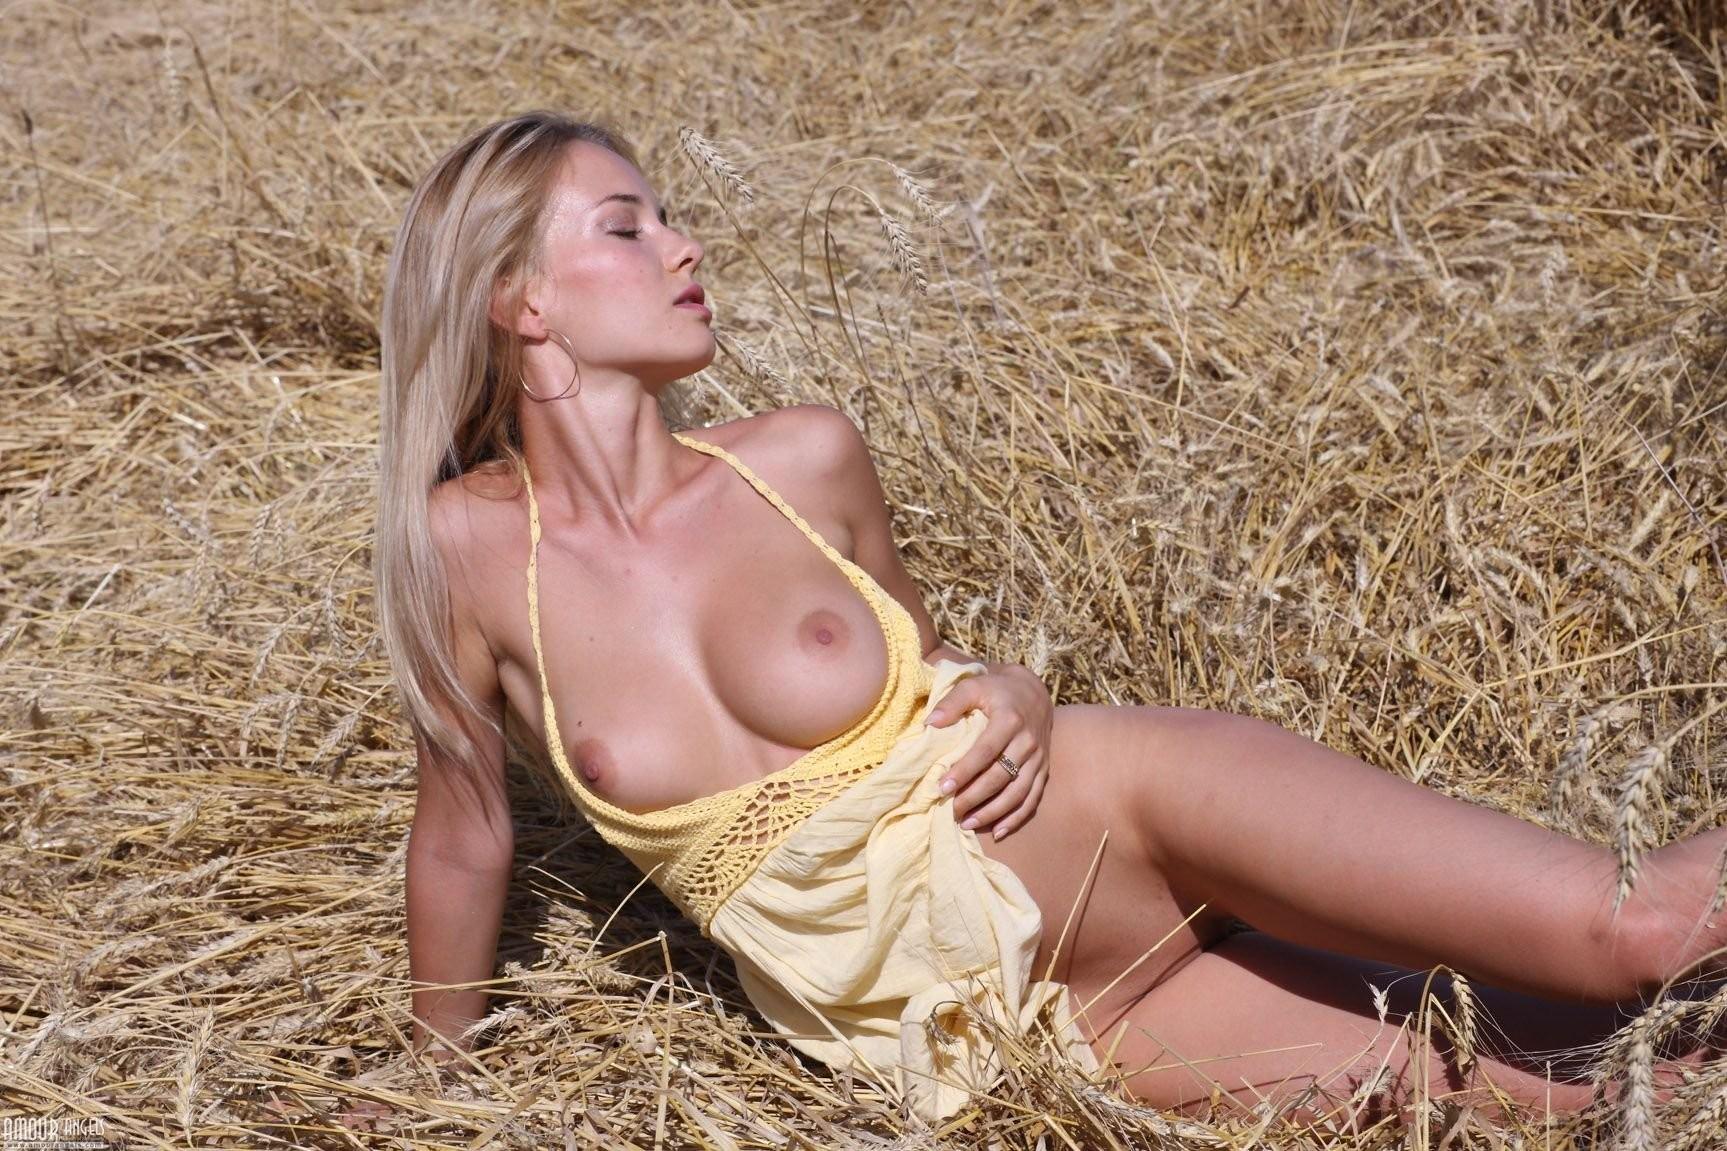 Naked girls on spring break